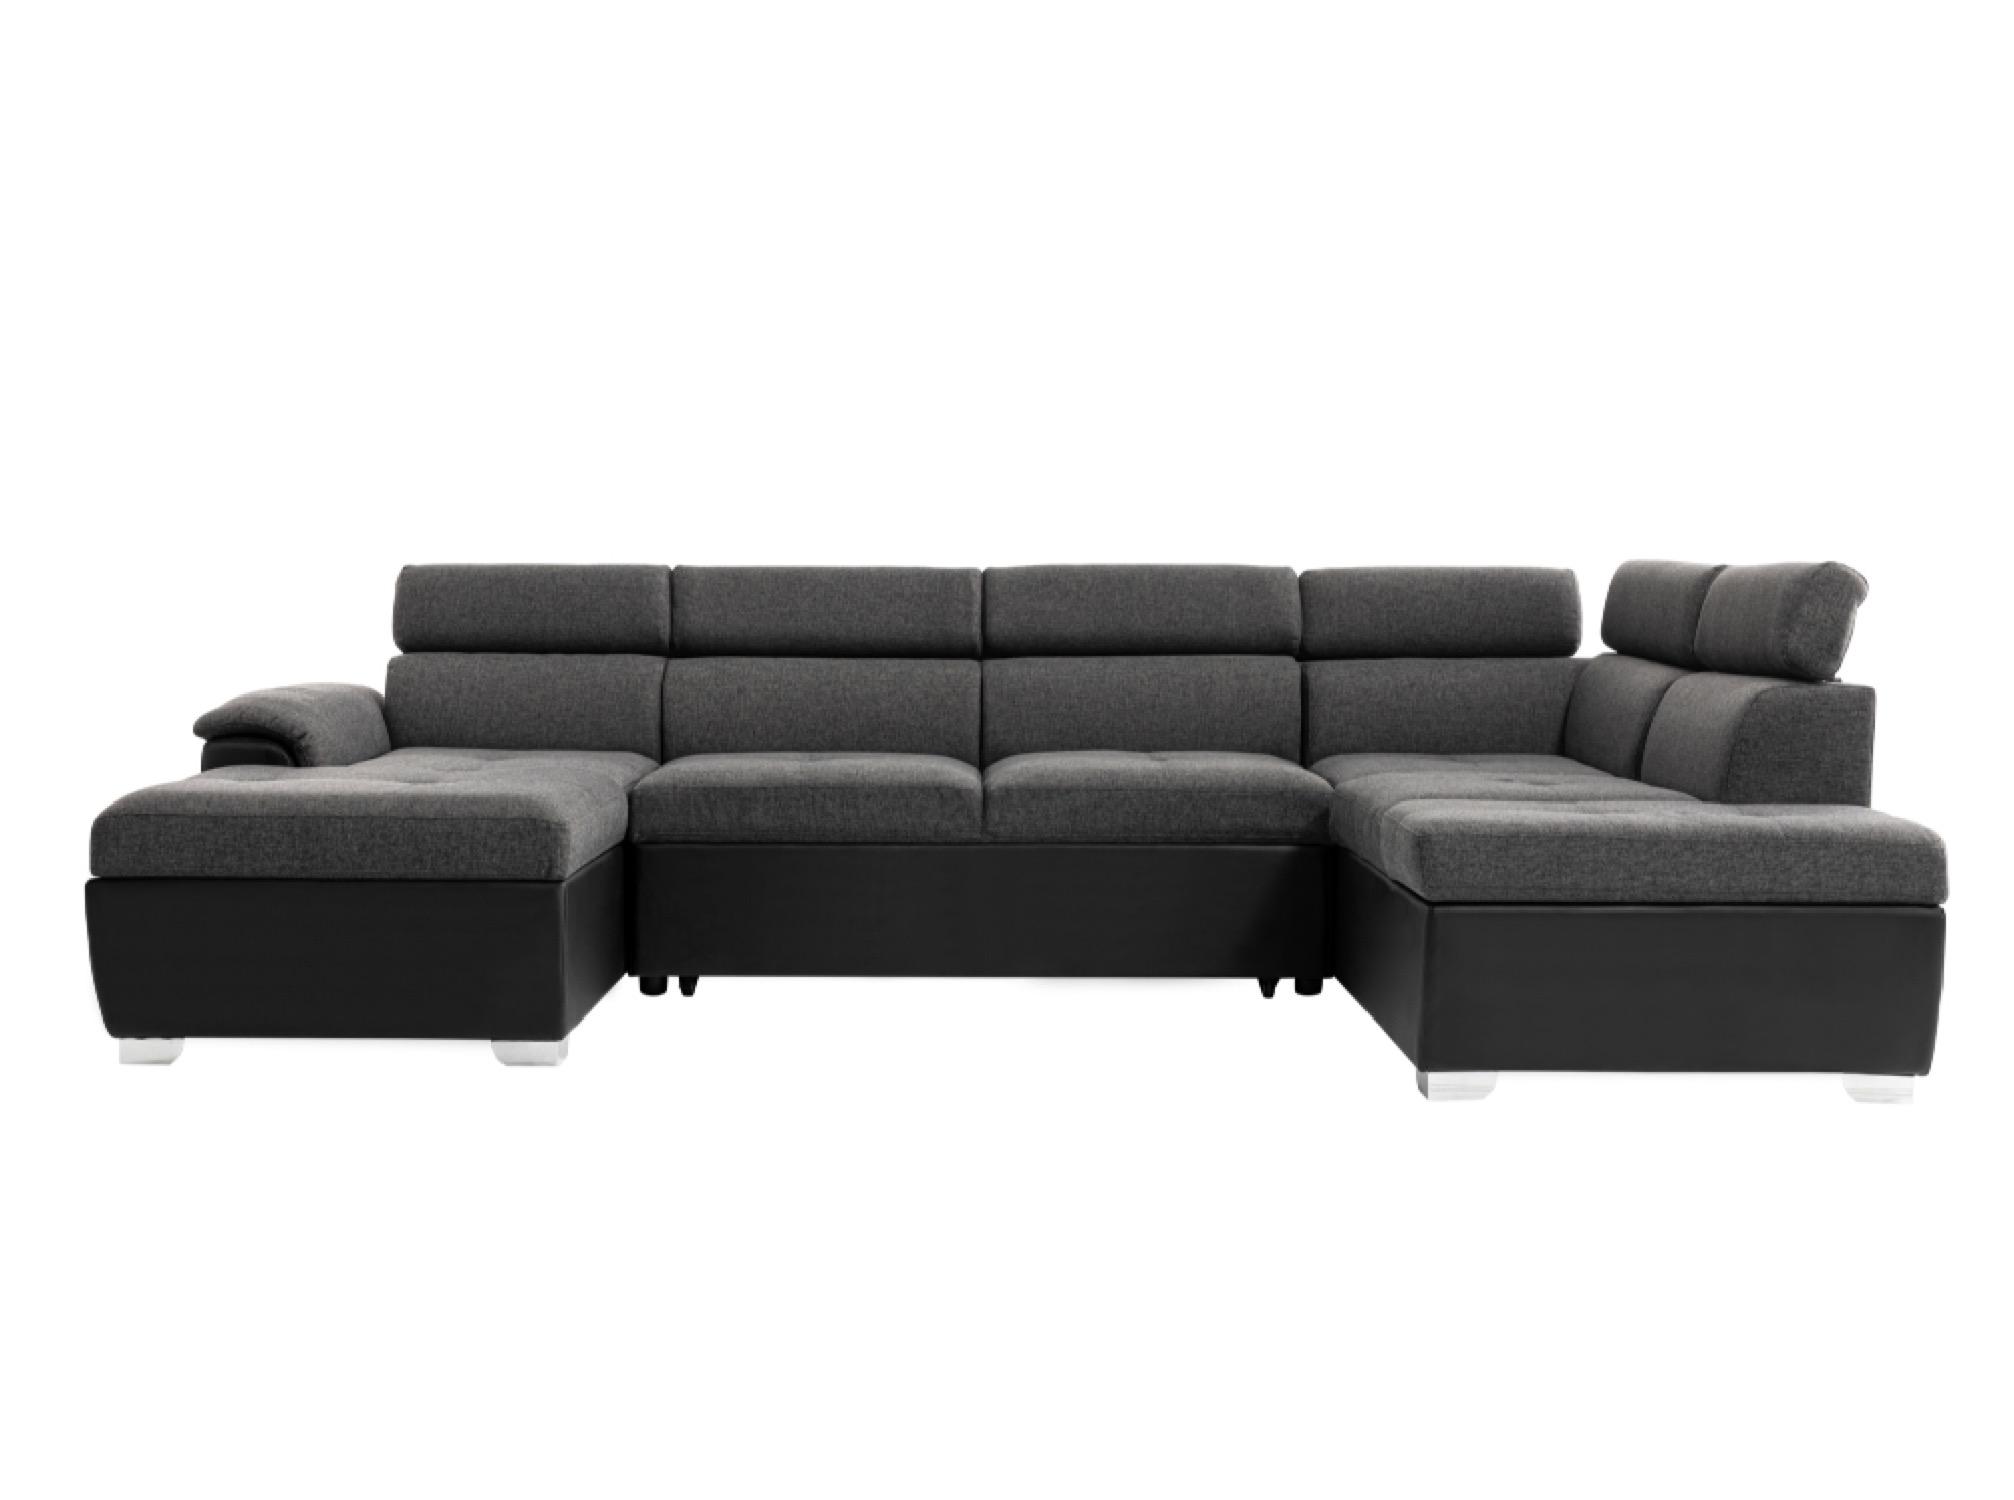 Canapé panoramique convertible avec coffre de rangement noir/gris